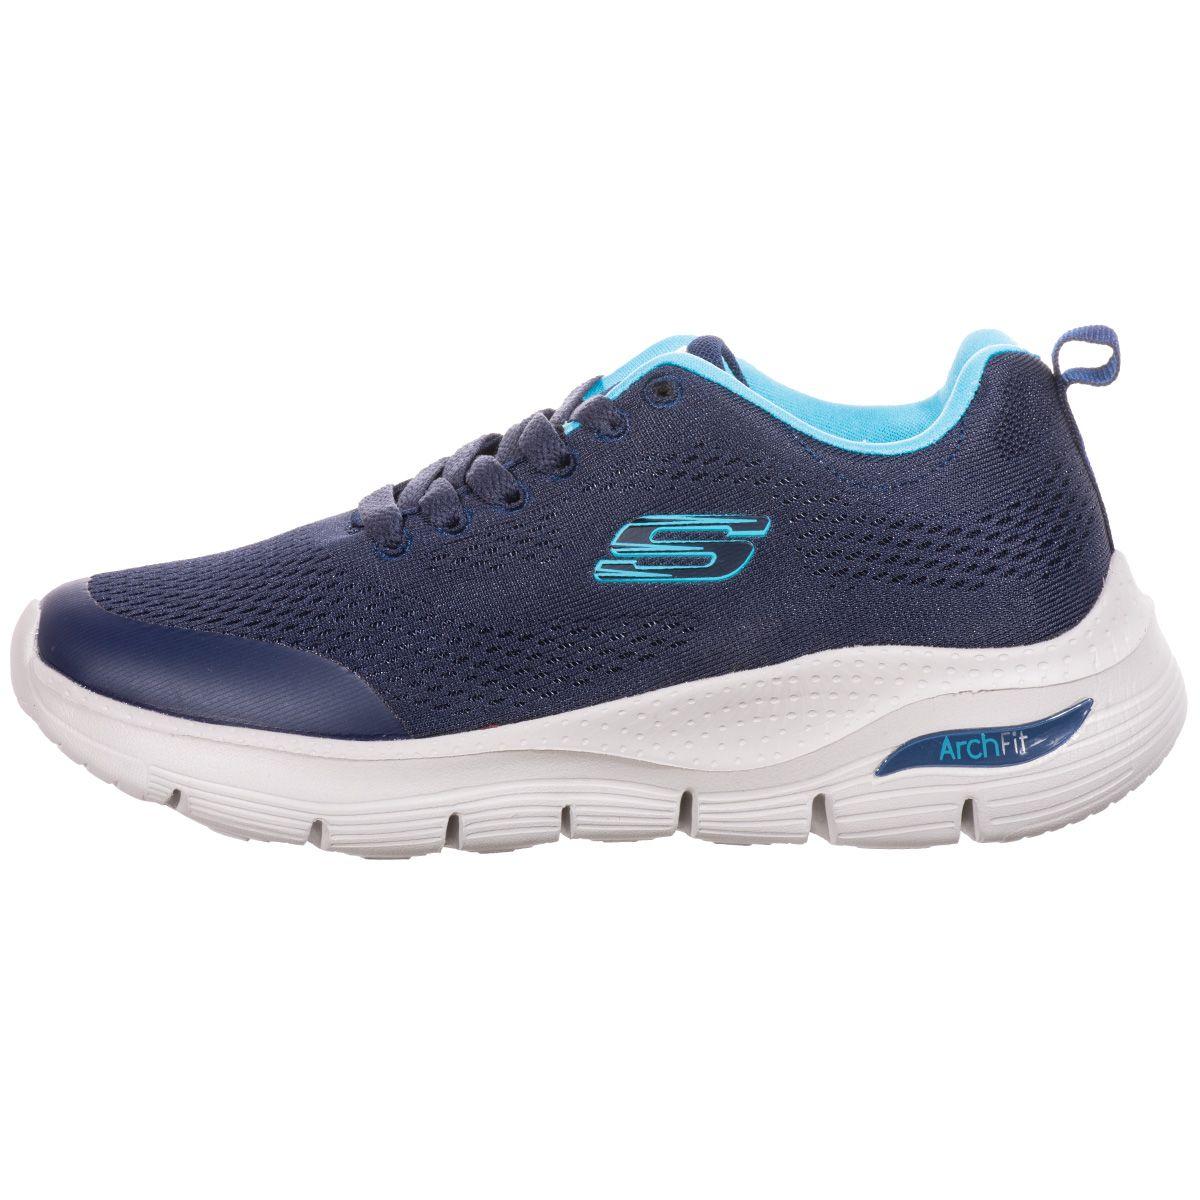 کفش مخصوص دویدن زنانه اسکچرز مدل ArchFit MON-10501528